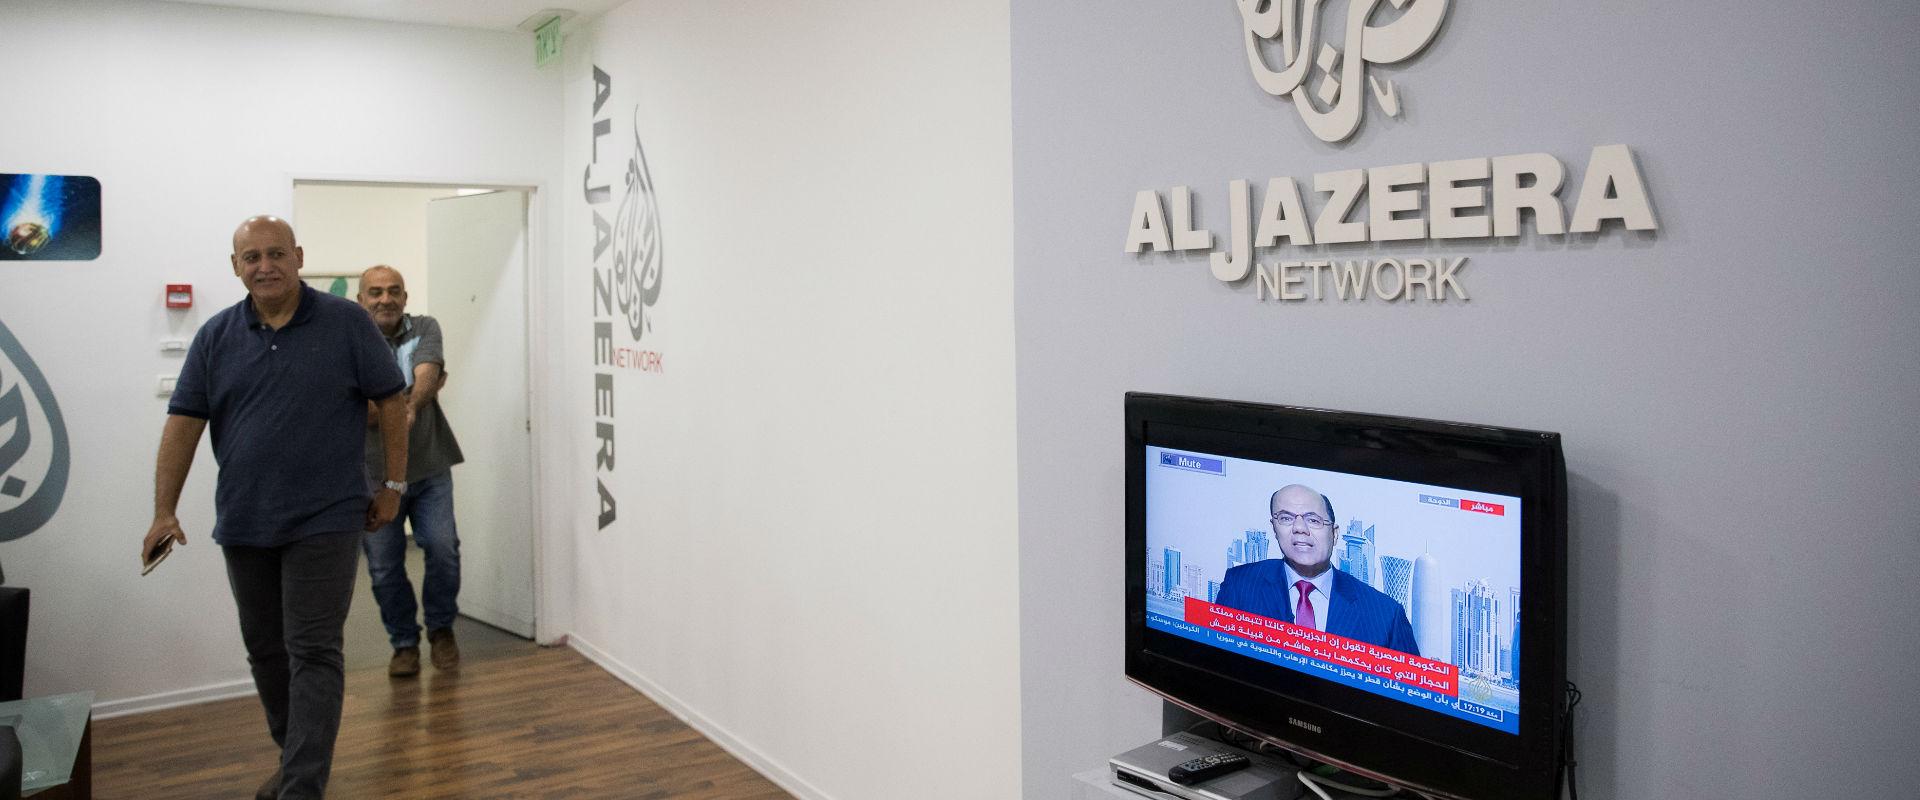 משרדי רשת אל-ג'זירה